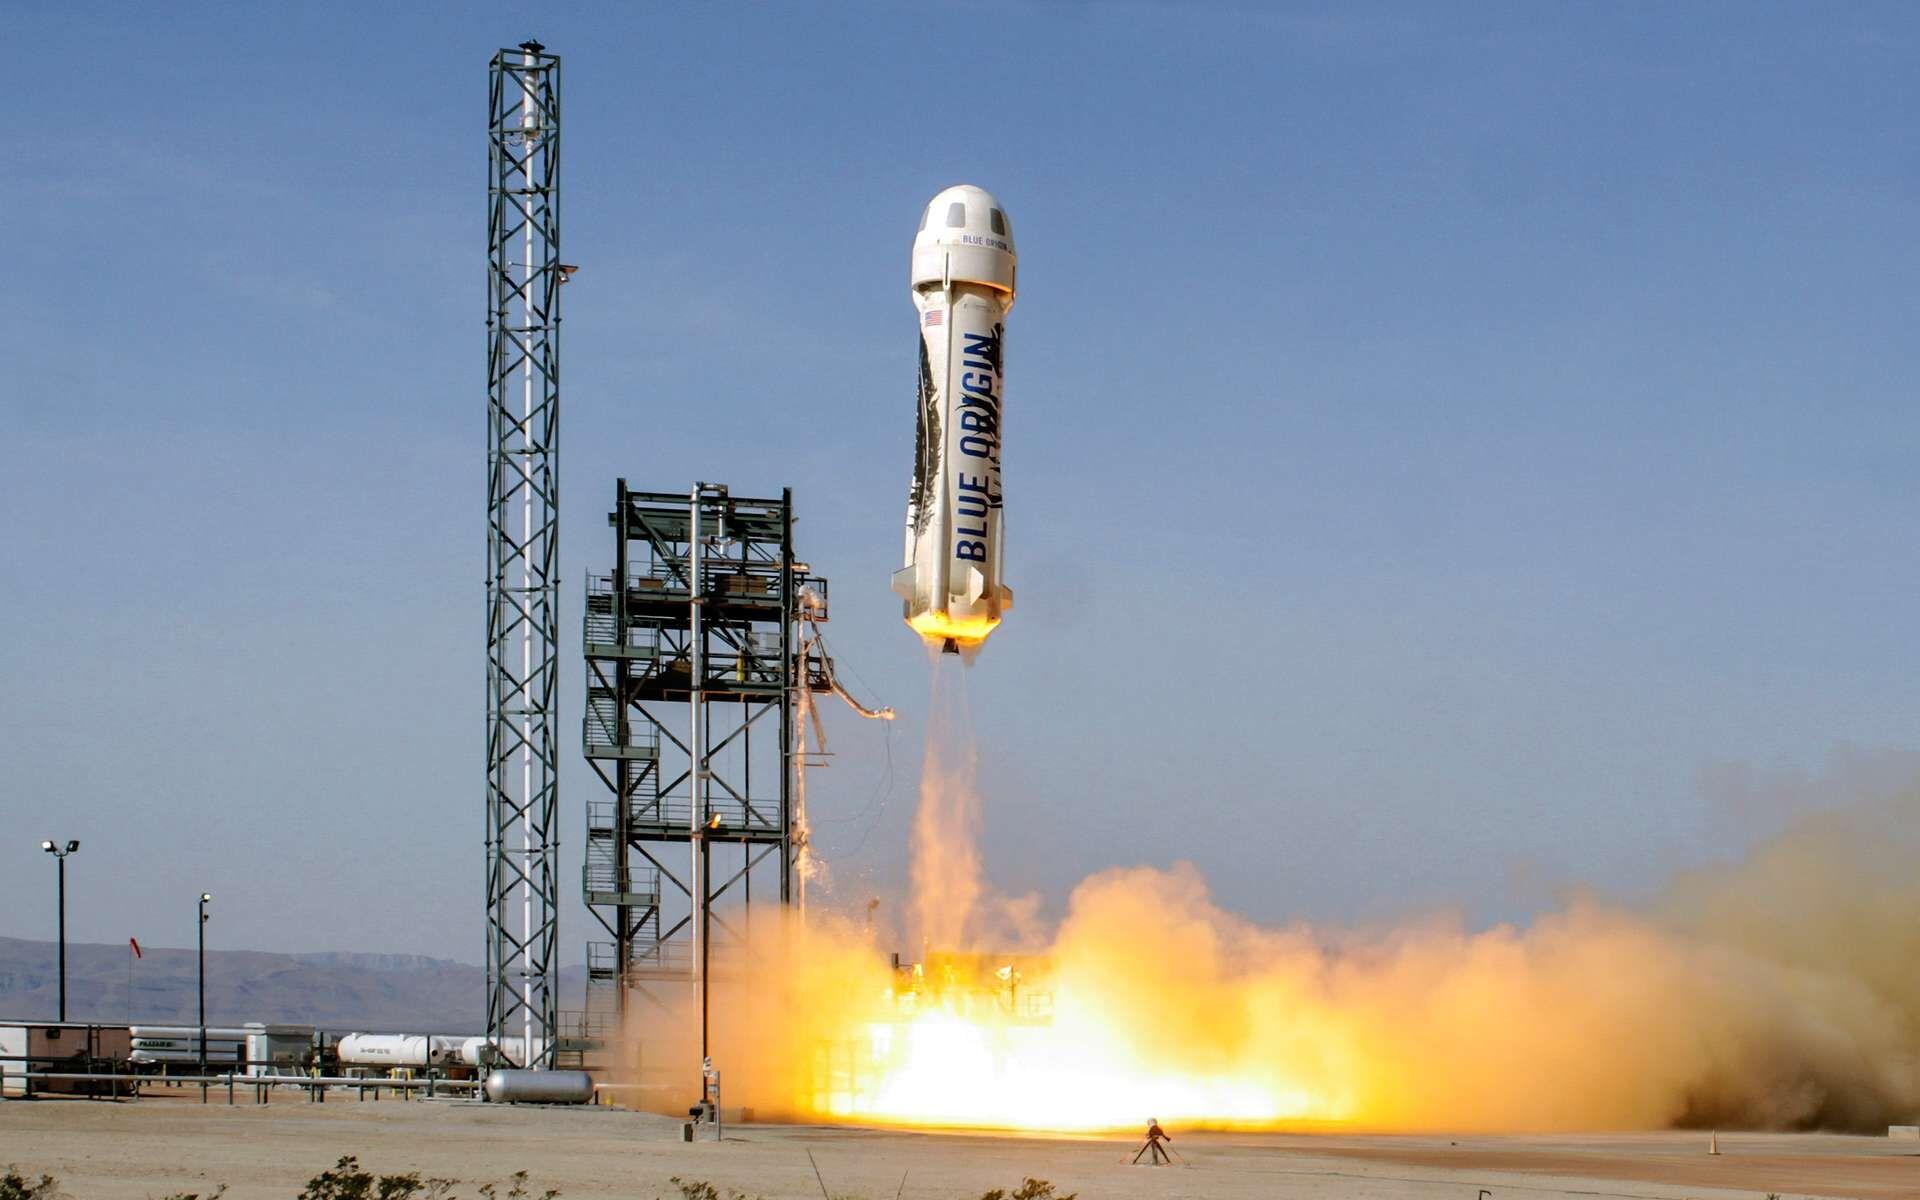 En 2021, la pilote prend sa revanche et réalise son vol spatial avec Blue Origin.